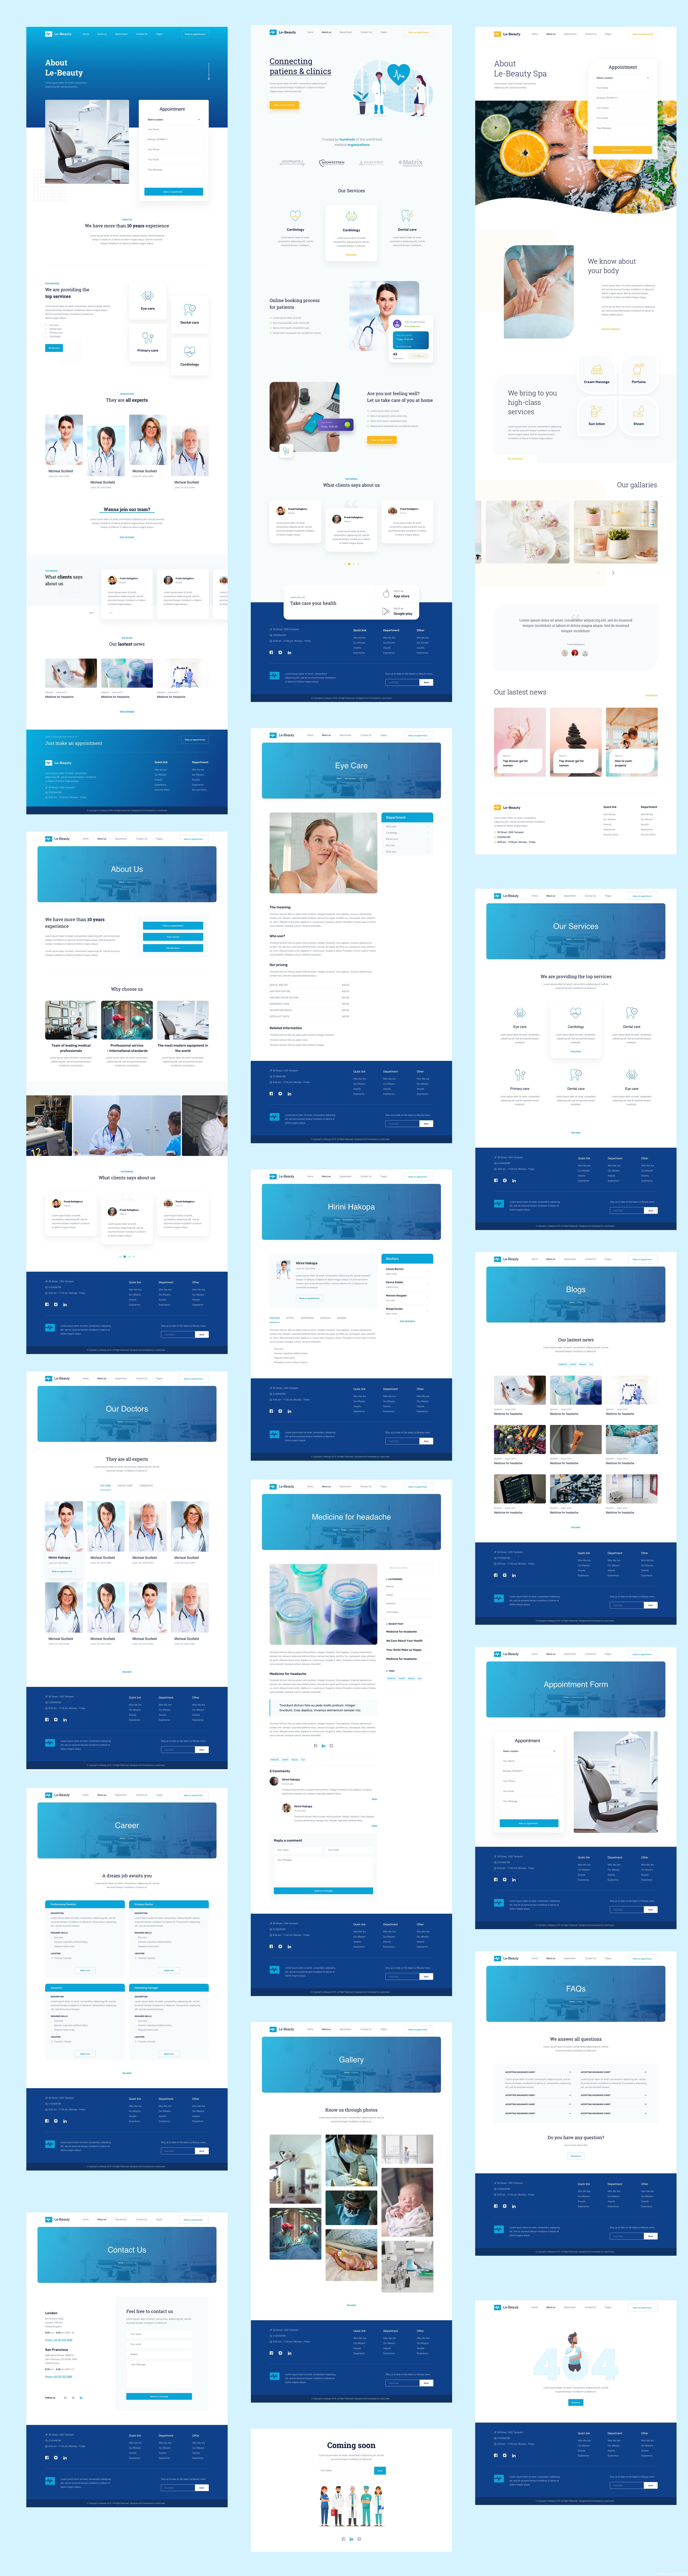 医疗保健系列整套官网Web UI网页端界面sketch源文件下载